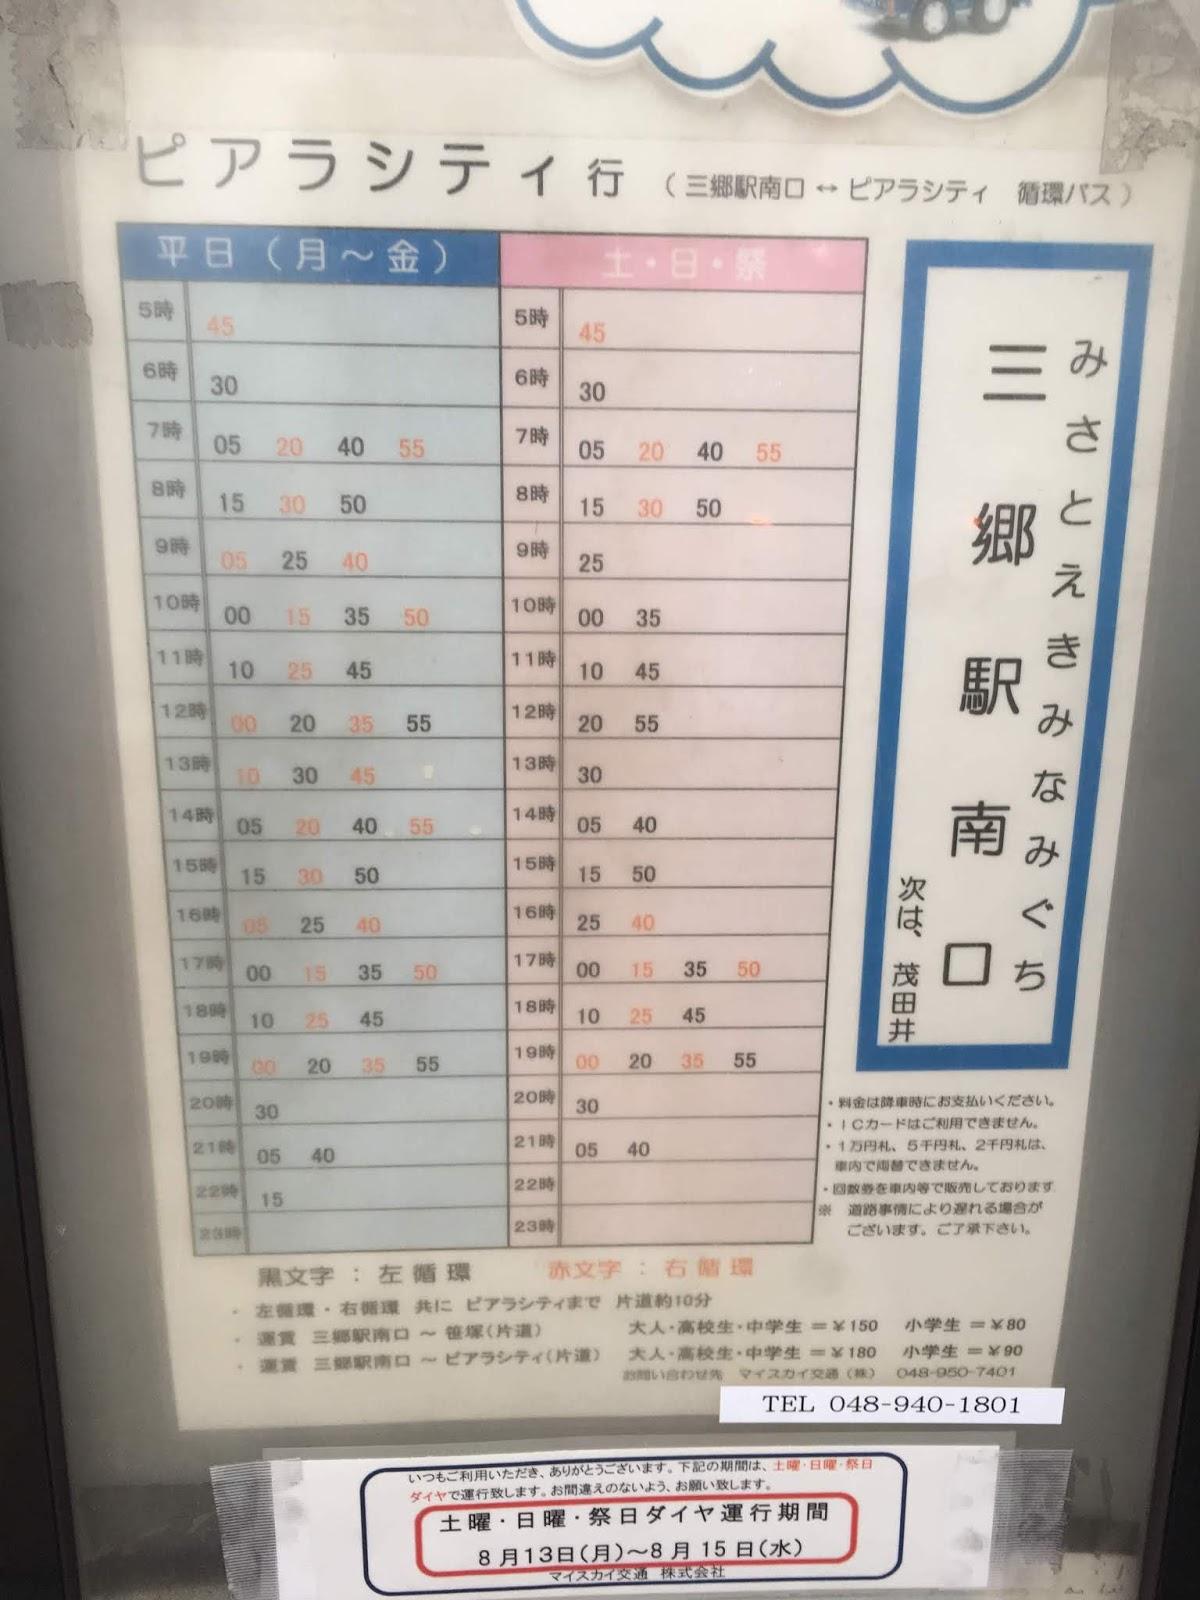 時刻 三郷 表 駅